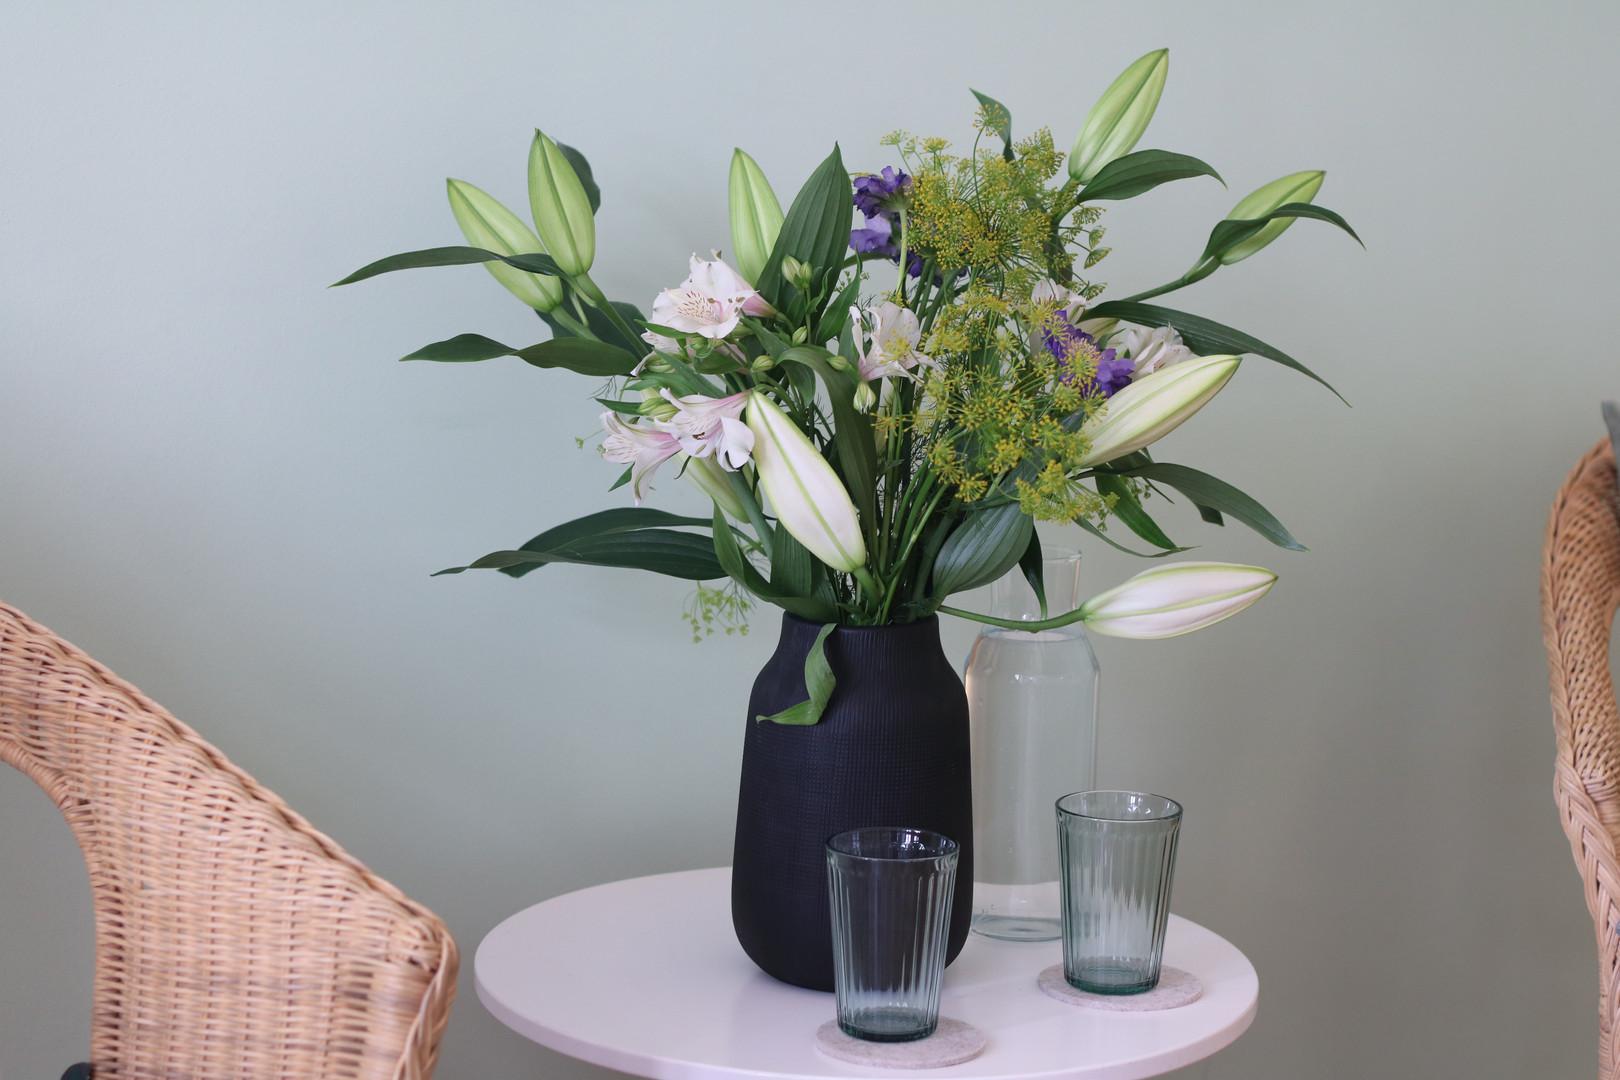 Blumenstrauß und Wasserglaeser